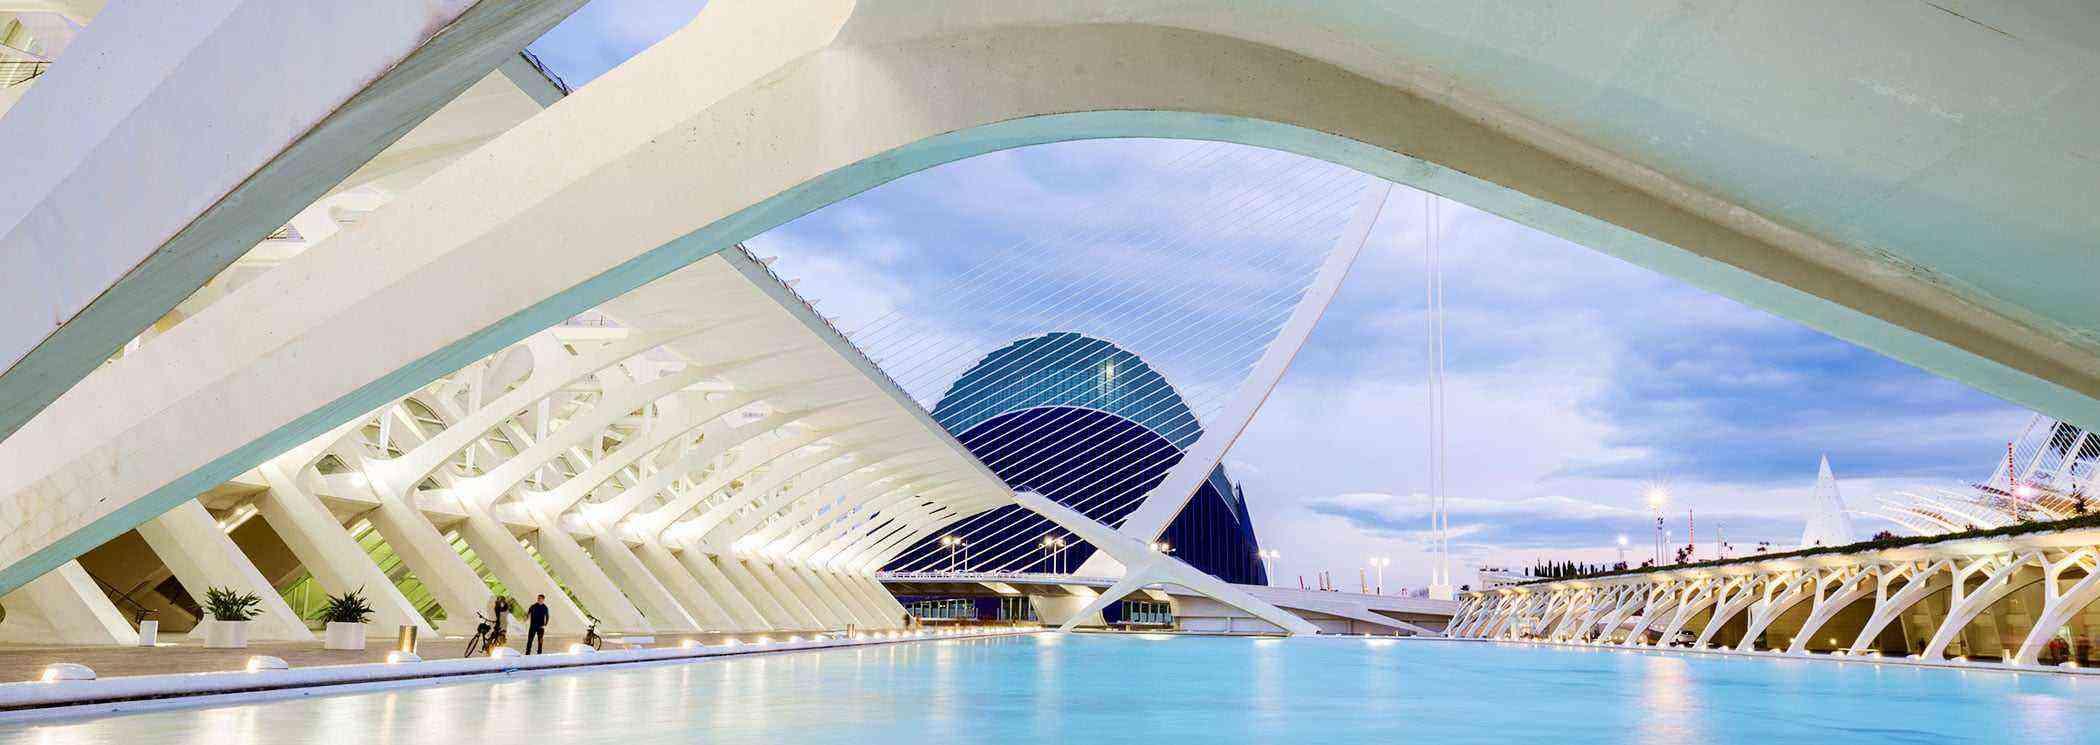 Valencia-Buildings-City-of-Arts-Sciences-1